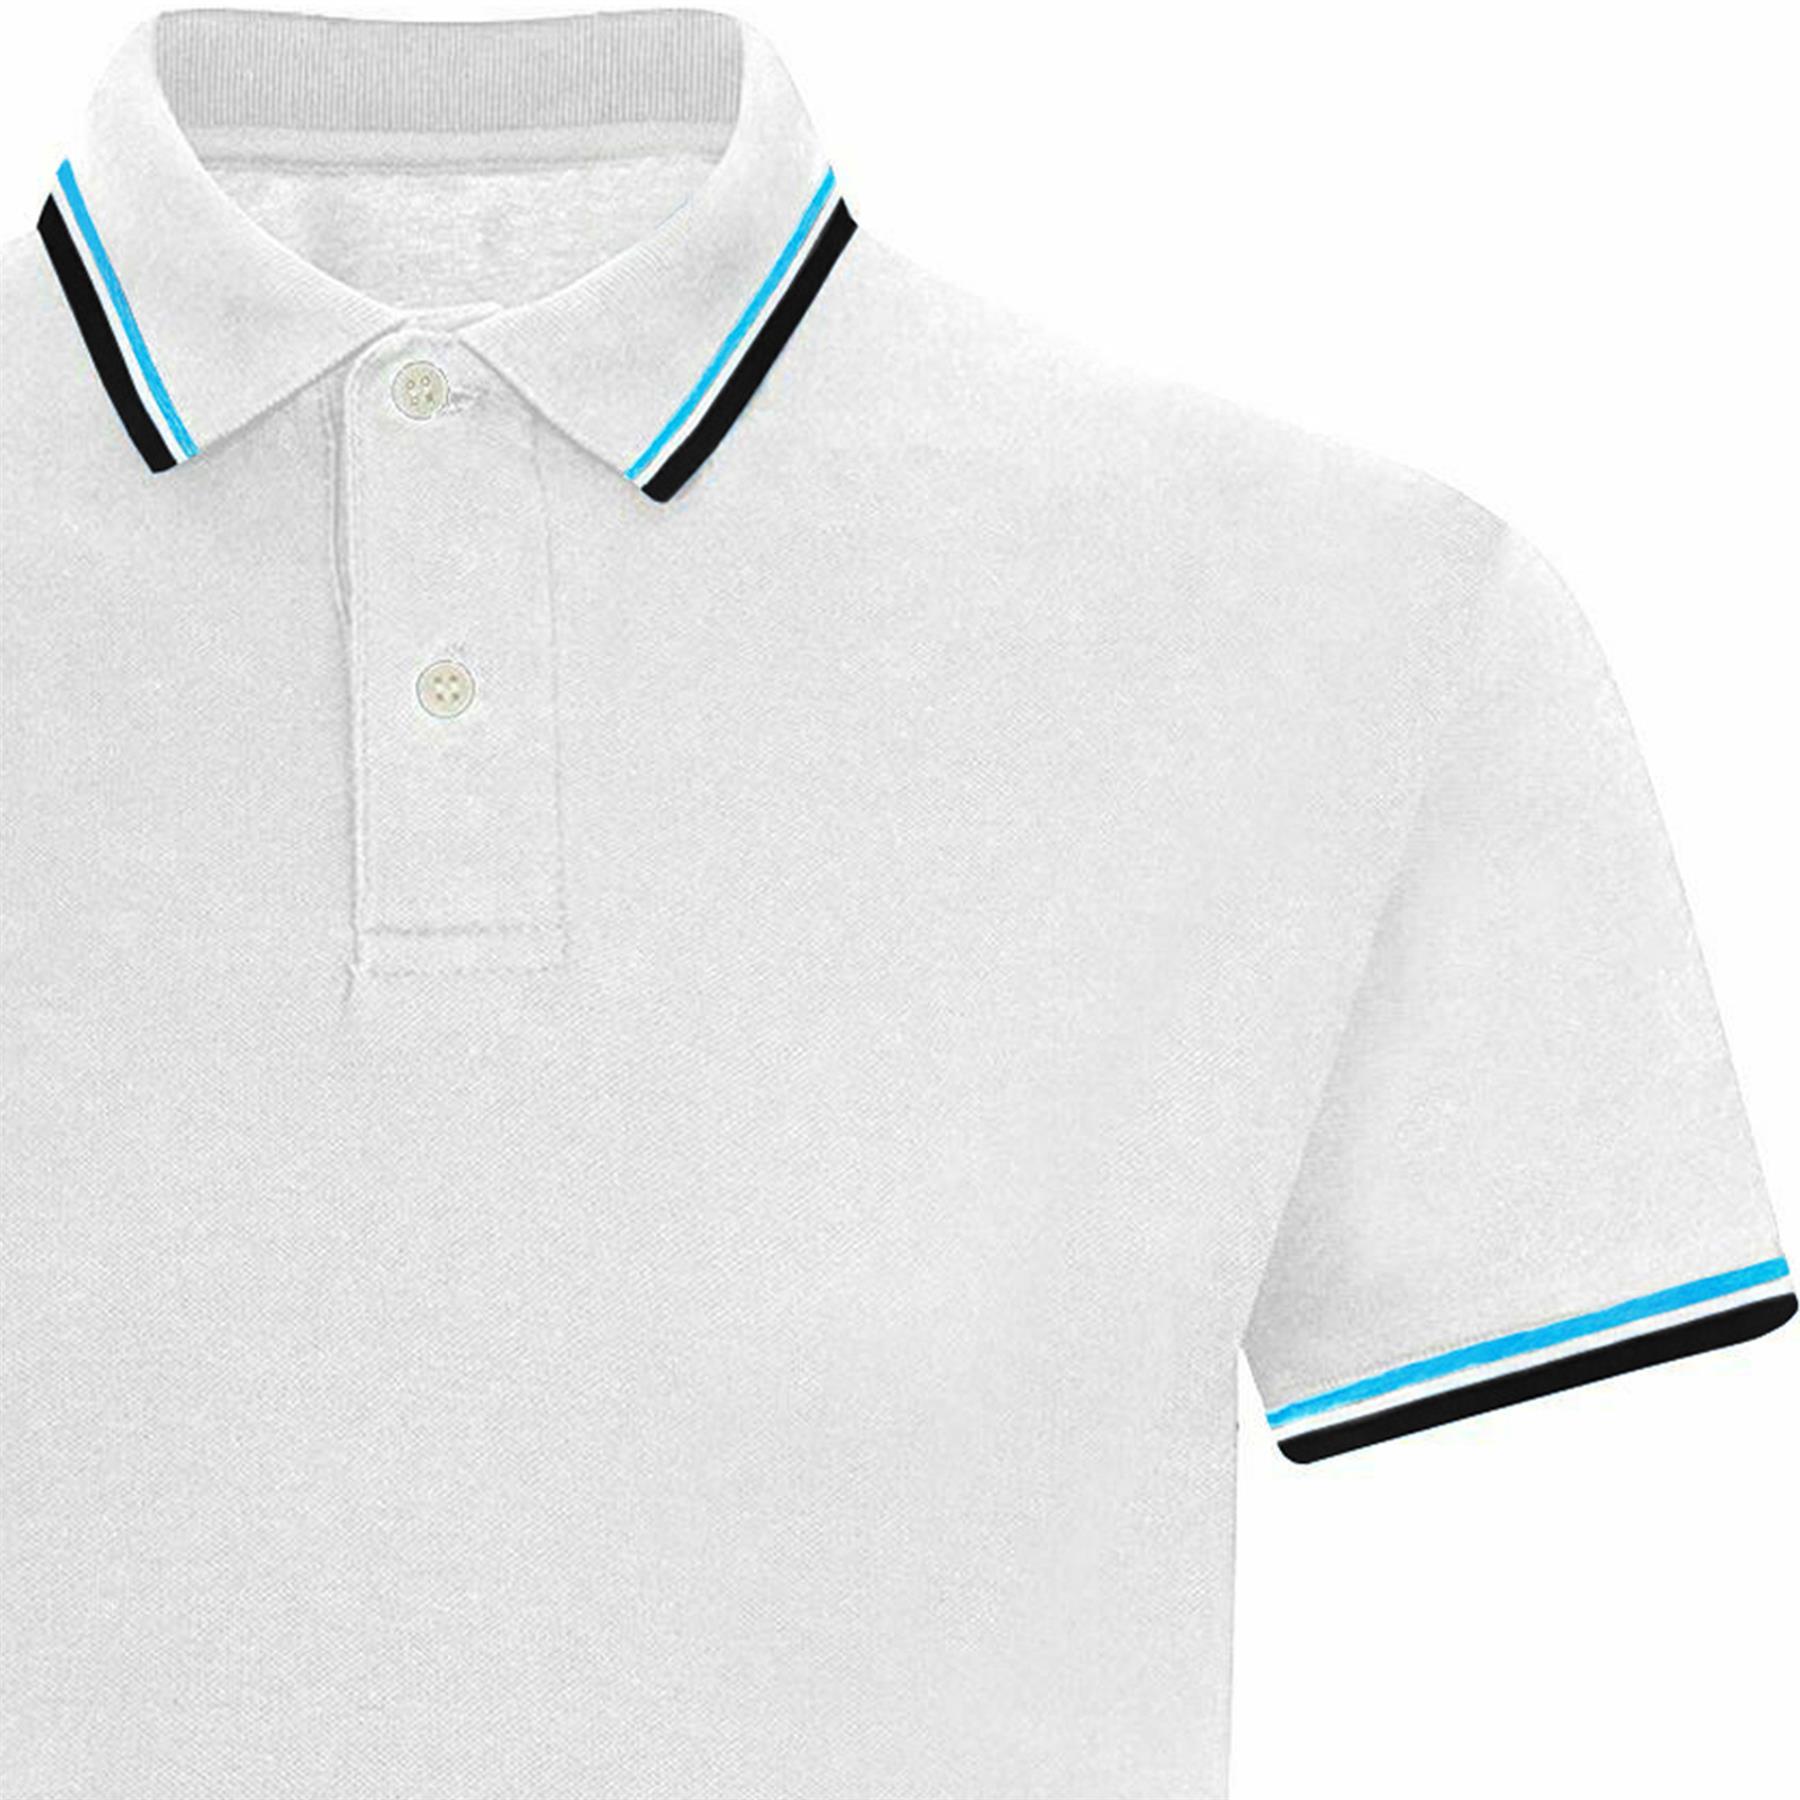 Indexbild 78 - Herren Polohemd Freizeit T-Shirts Neu Schlicht Kurzärmeliges Regular Fit